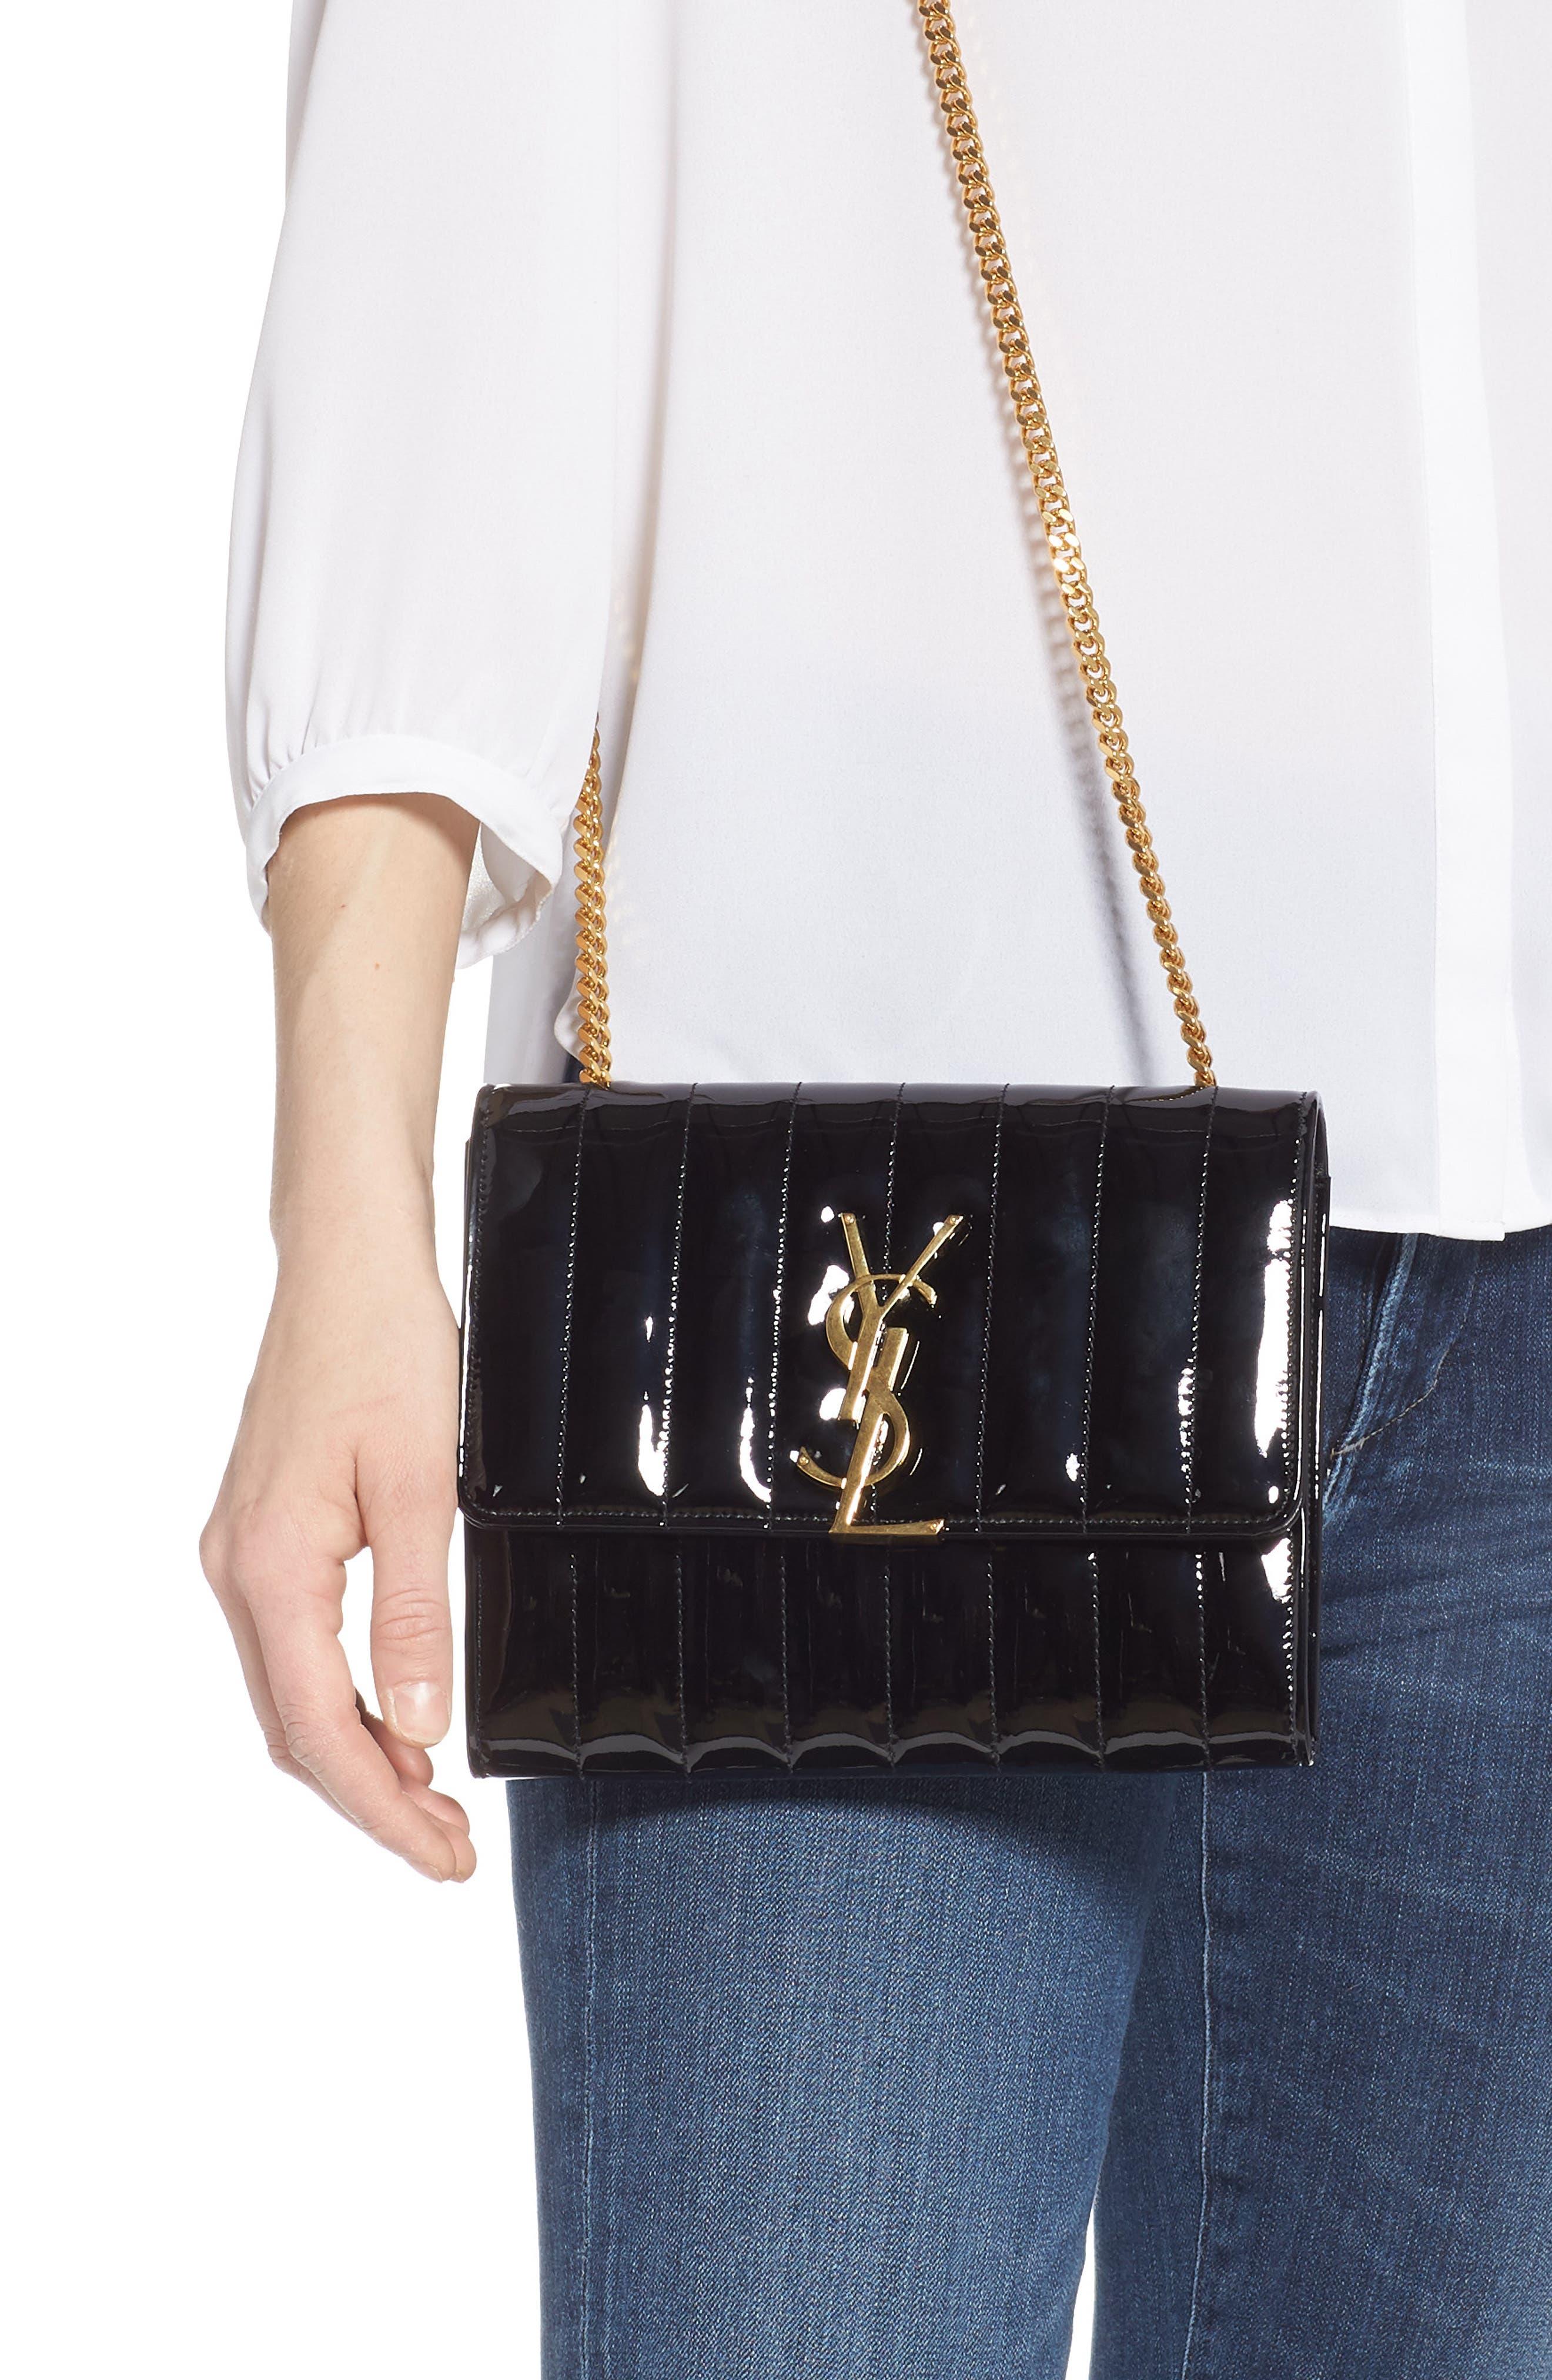 SAINT LAURENT, Vicky Patent Leather Wallet on a Chain, Alternate thumbnail 2, color, NOIR/ NOIR